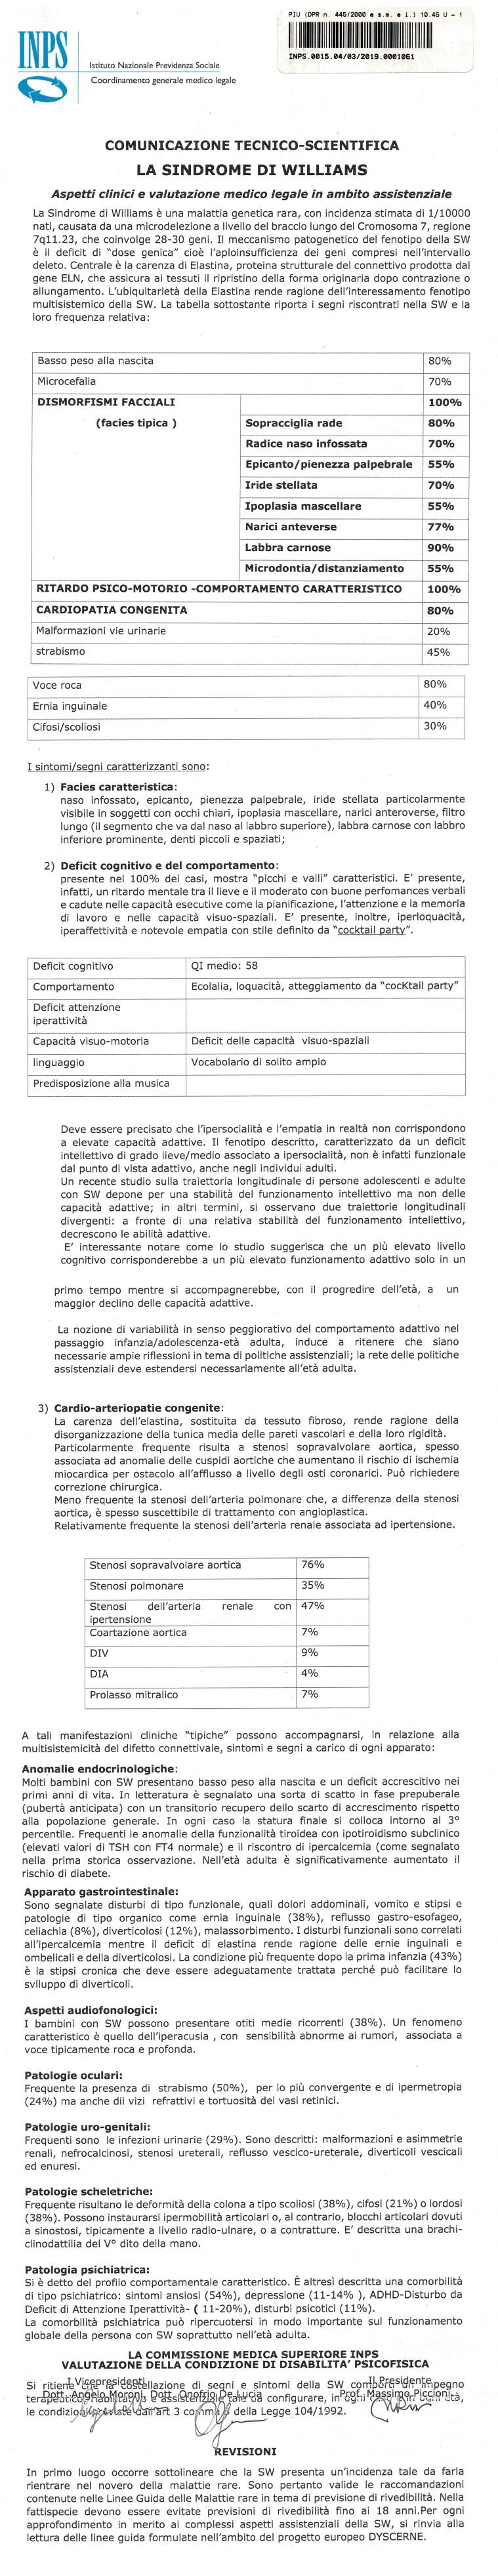 Commissione medica superiore, sindrome di Williams